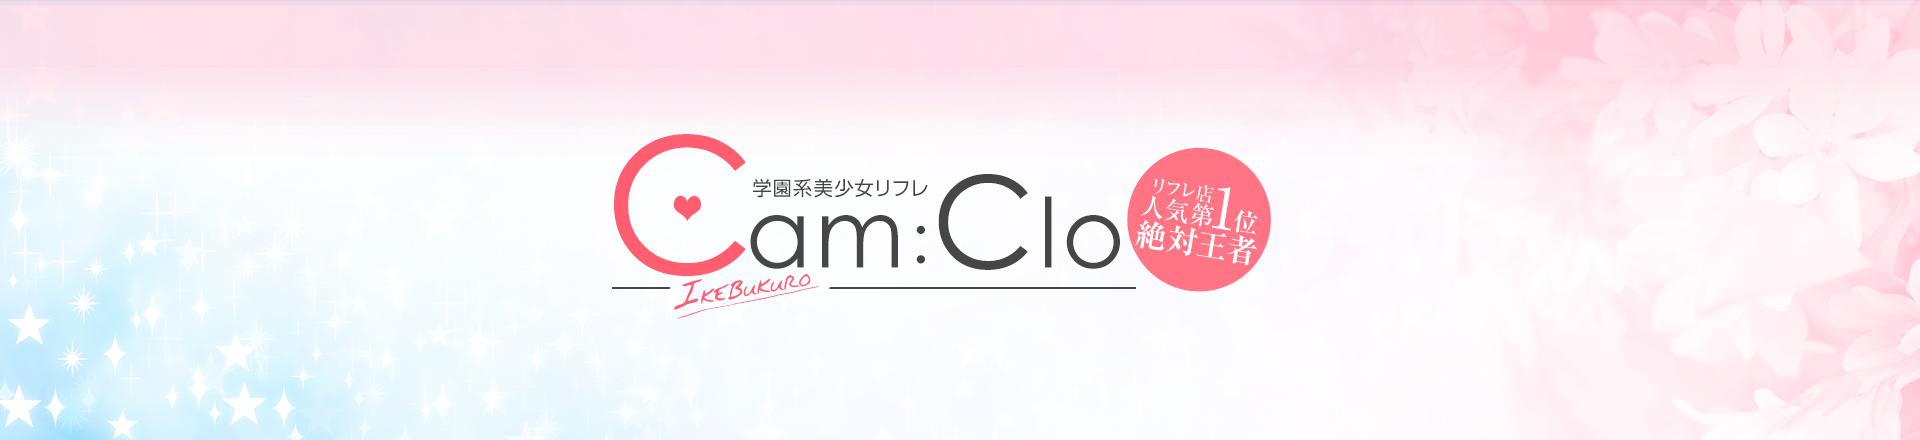 【池袋リフレ】学園系美少女 キャンクロ『Cam:Clo』